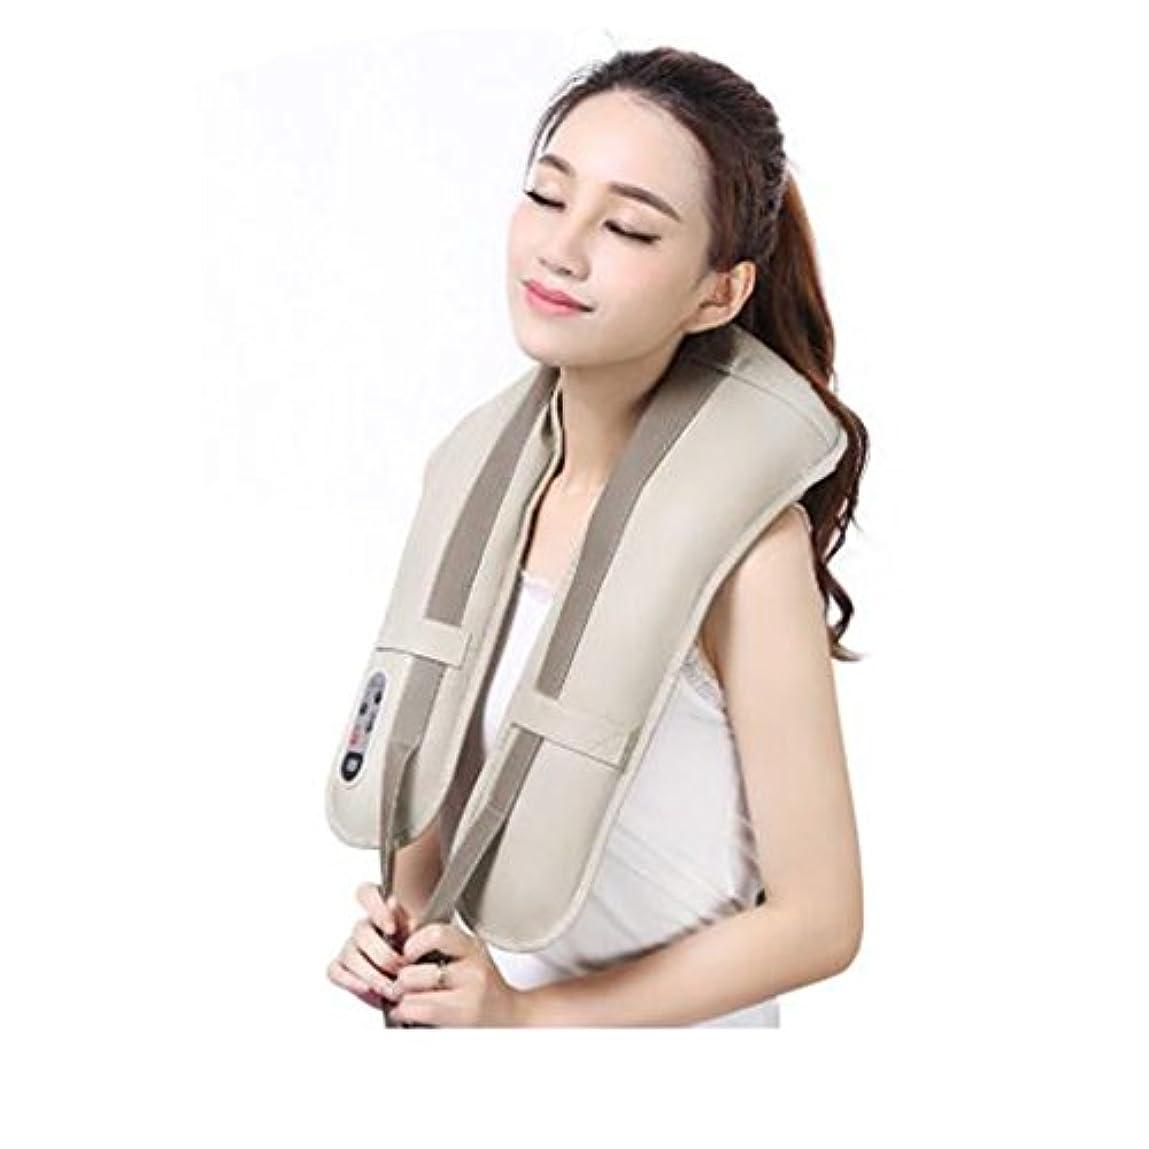 委託ミシン目投資ホットネックマッサージャーポータブル電気パーカッション頸部マッサージショールの痛みの首と肩の多機能タップマッサージャー (色 : A)